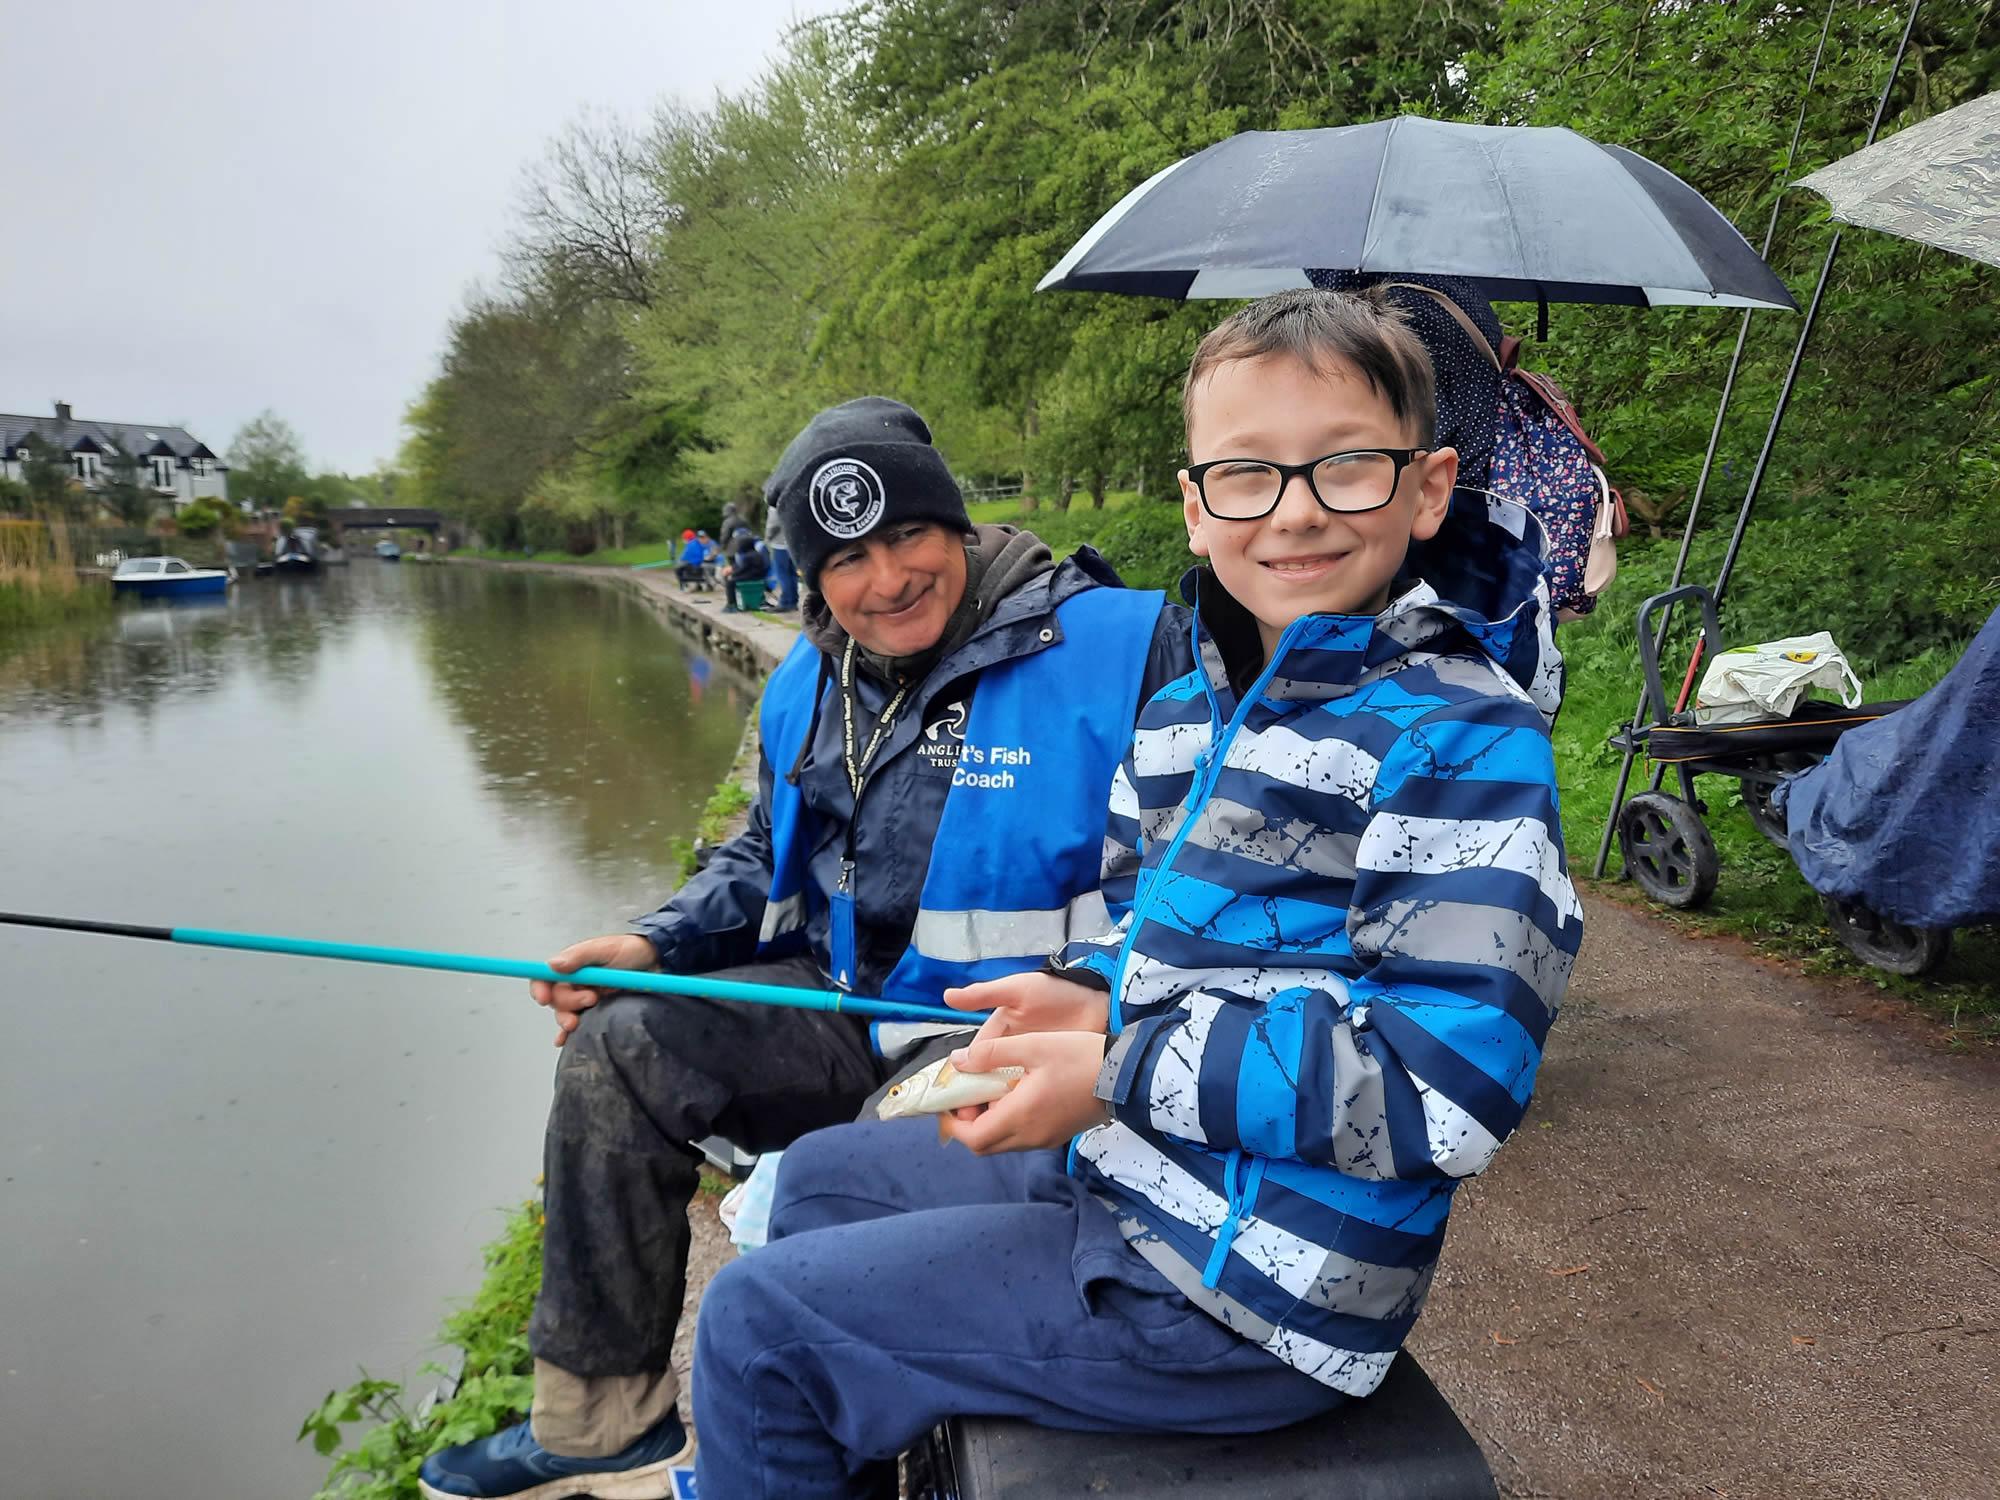 Get Fishing | Canal Fishing 2021 - 6